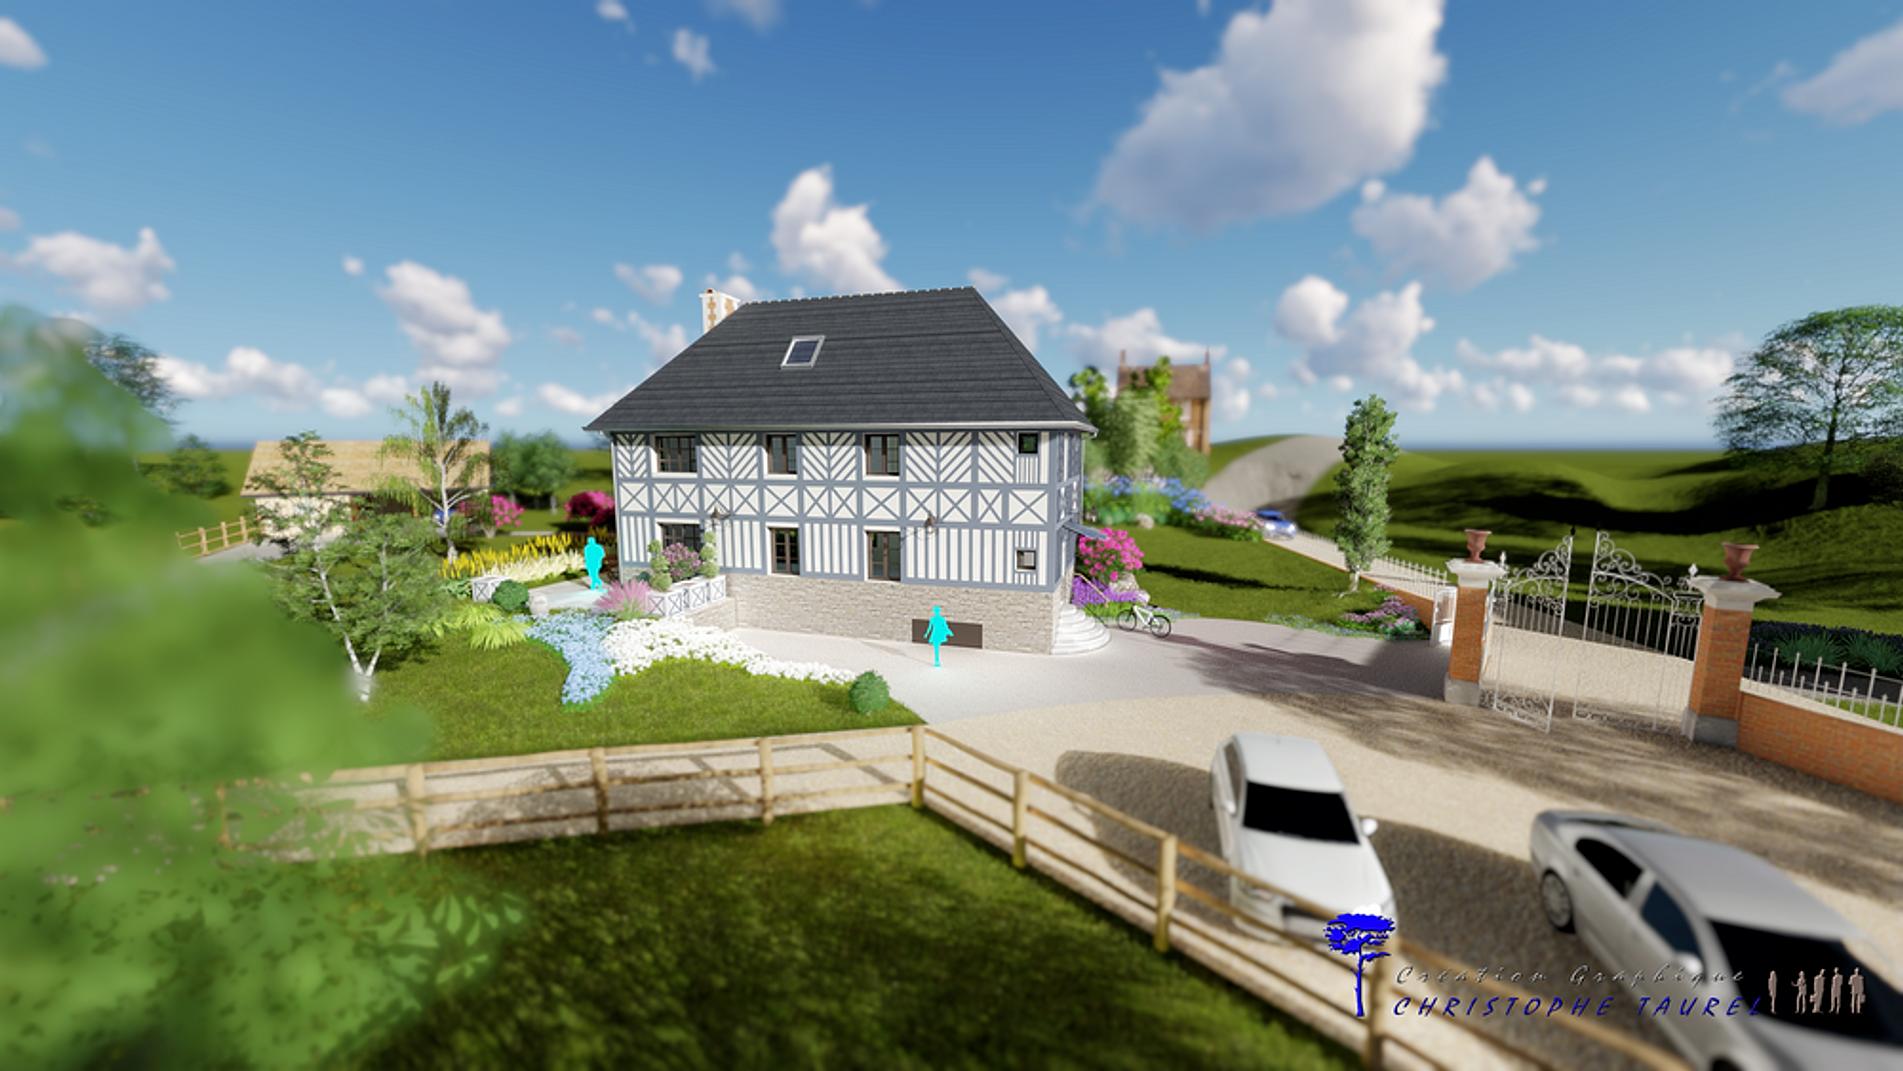 Plan permis de construire france christophe taurel for Projet 3d maison